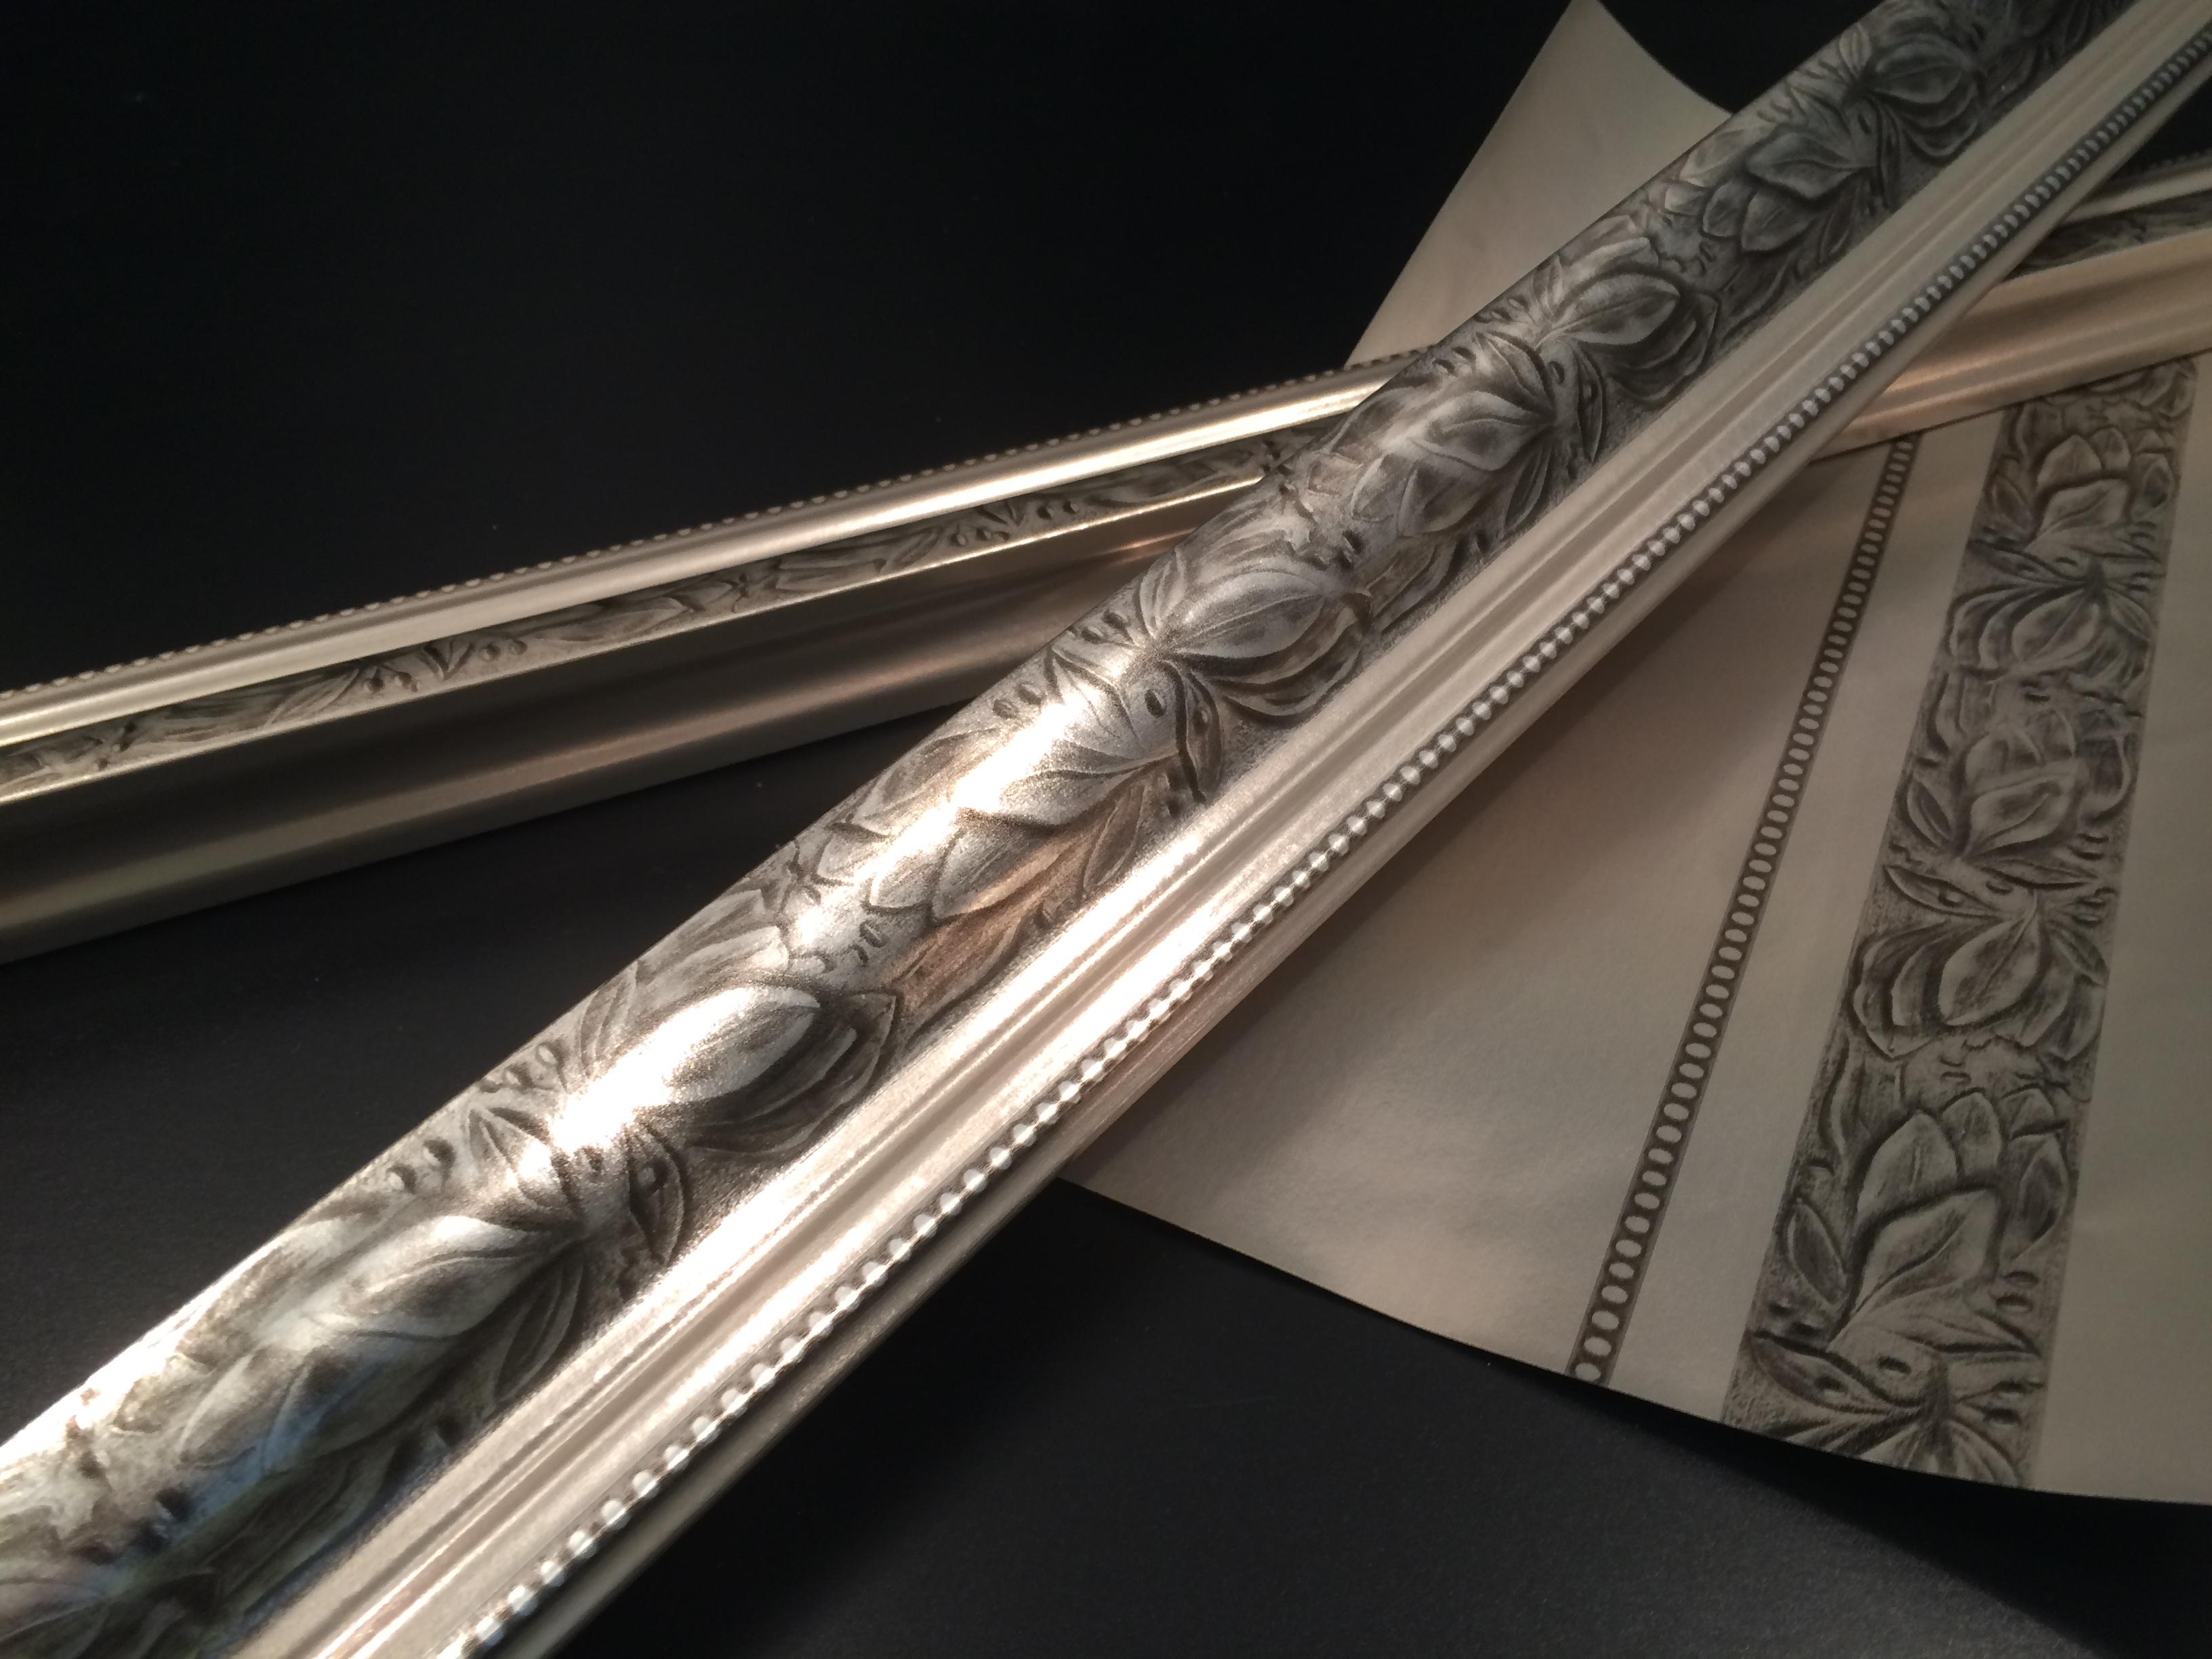 Kröning Echtmetall Folie für Spiegelrahmen